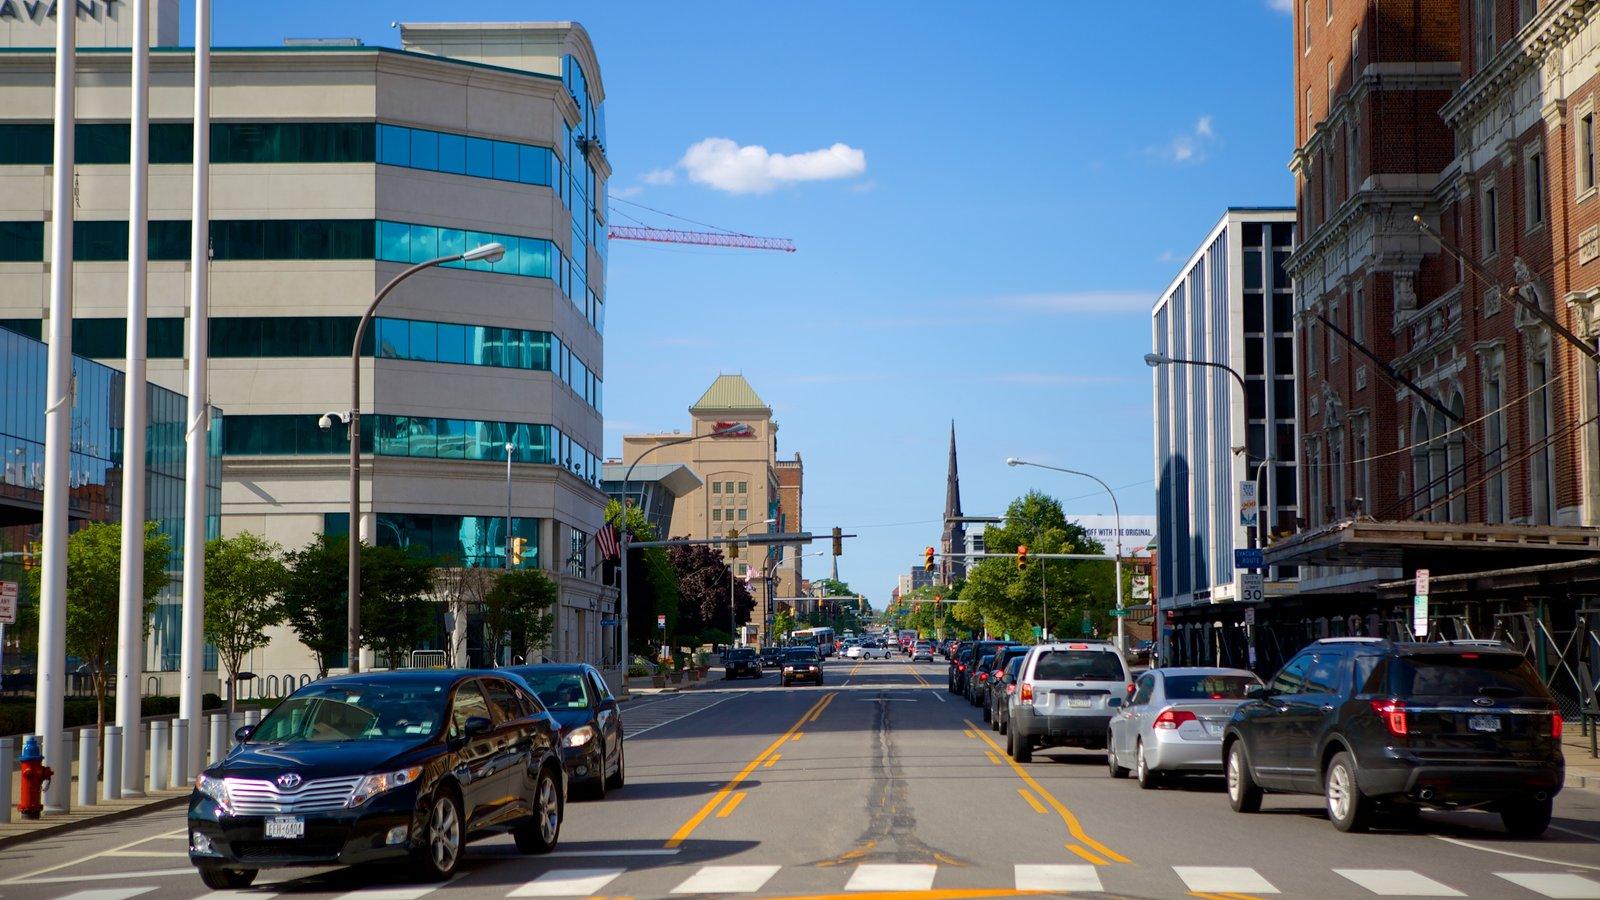 Buffalo que inclui uma cidade e cbd